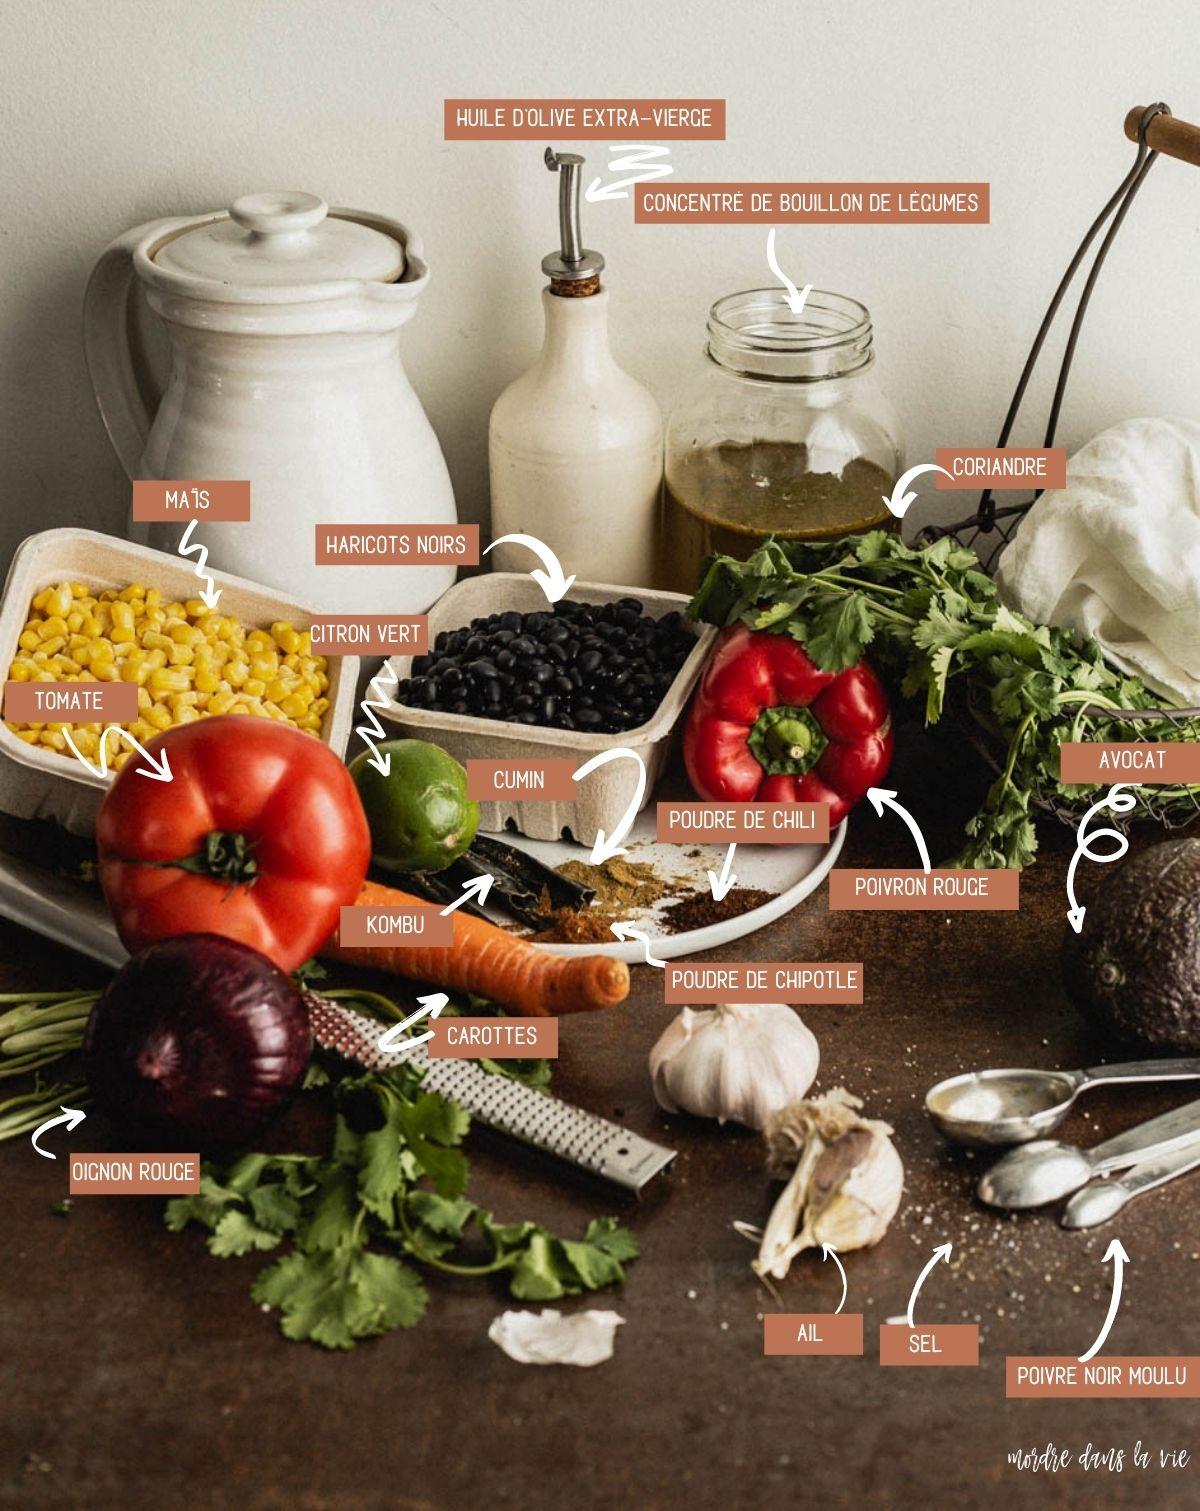 Ingrédients pour la soupe de haricots noirs (sens horaire) : maïs en grains dans un petit contenant en carton, haricots nois dans un petit contenant en carton, poivron rouge, huile d'olive extra-vierge dans son huilier, concentré de bouillon de légumes dans un pot Maçon, botte de coriandre dans un panier métallique, avocat, grains de sel et de poivre éparpillés sur la surface, gousses d'ail, poudre de chili, cumin mouu, chipotle, lamelles de kombu, citron vert, tomate et oignon rouge